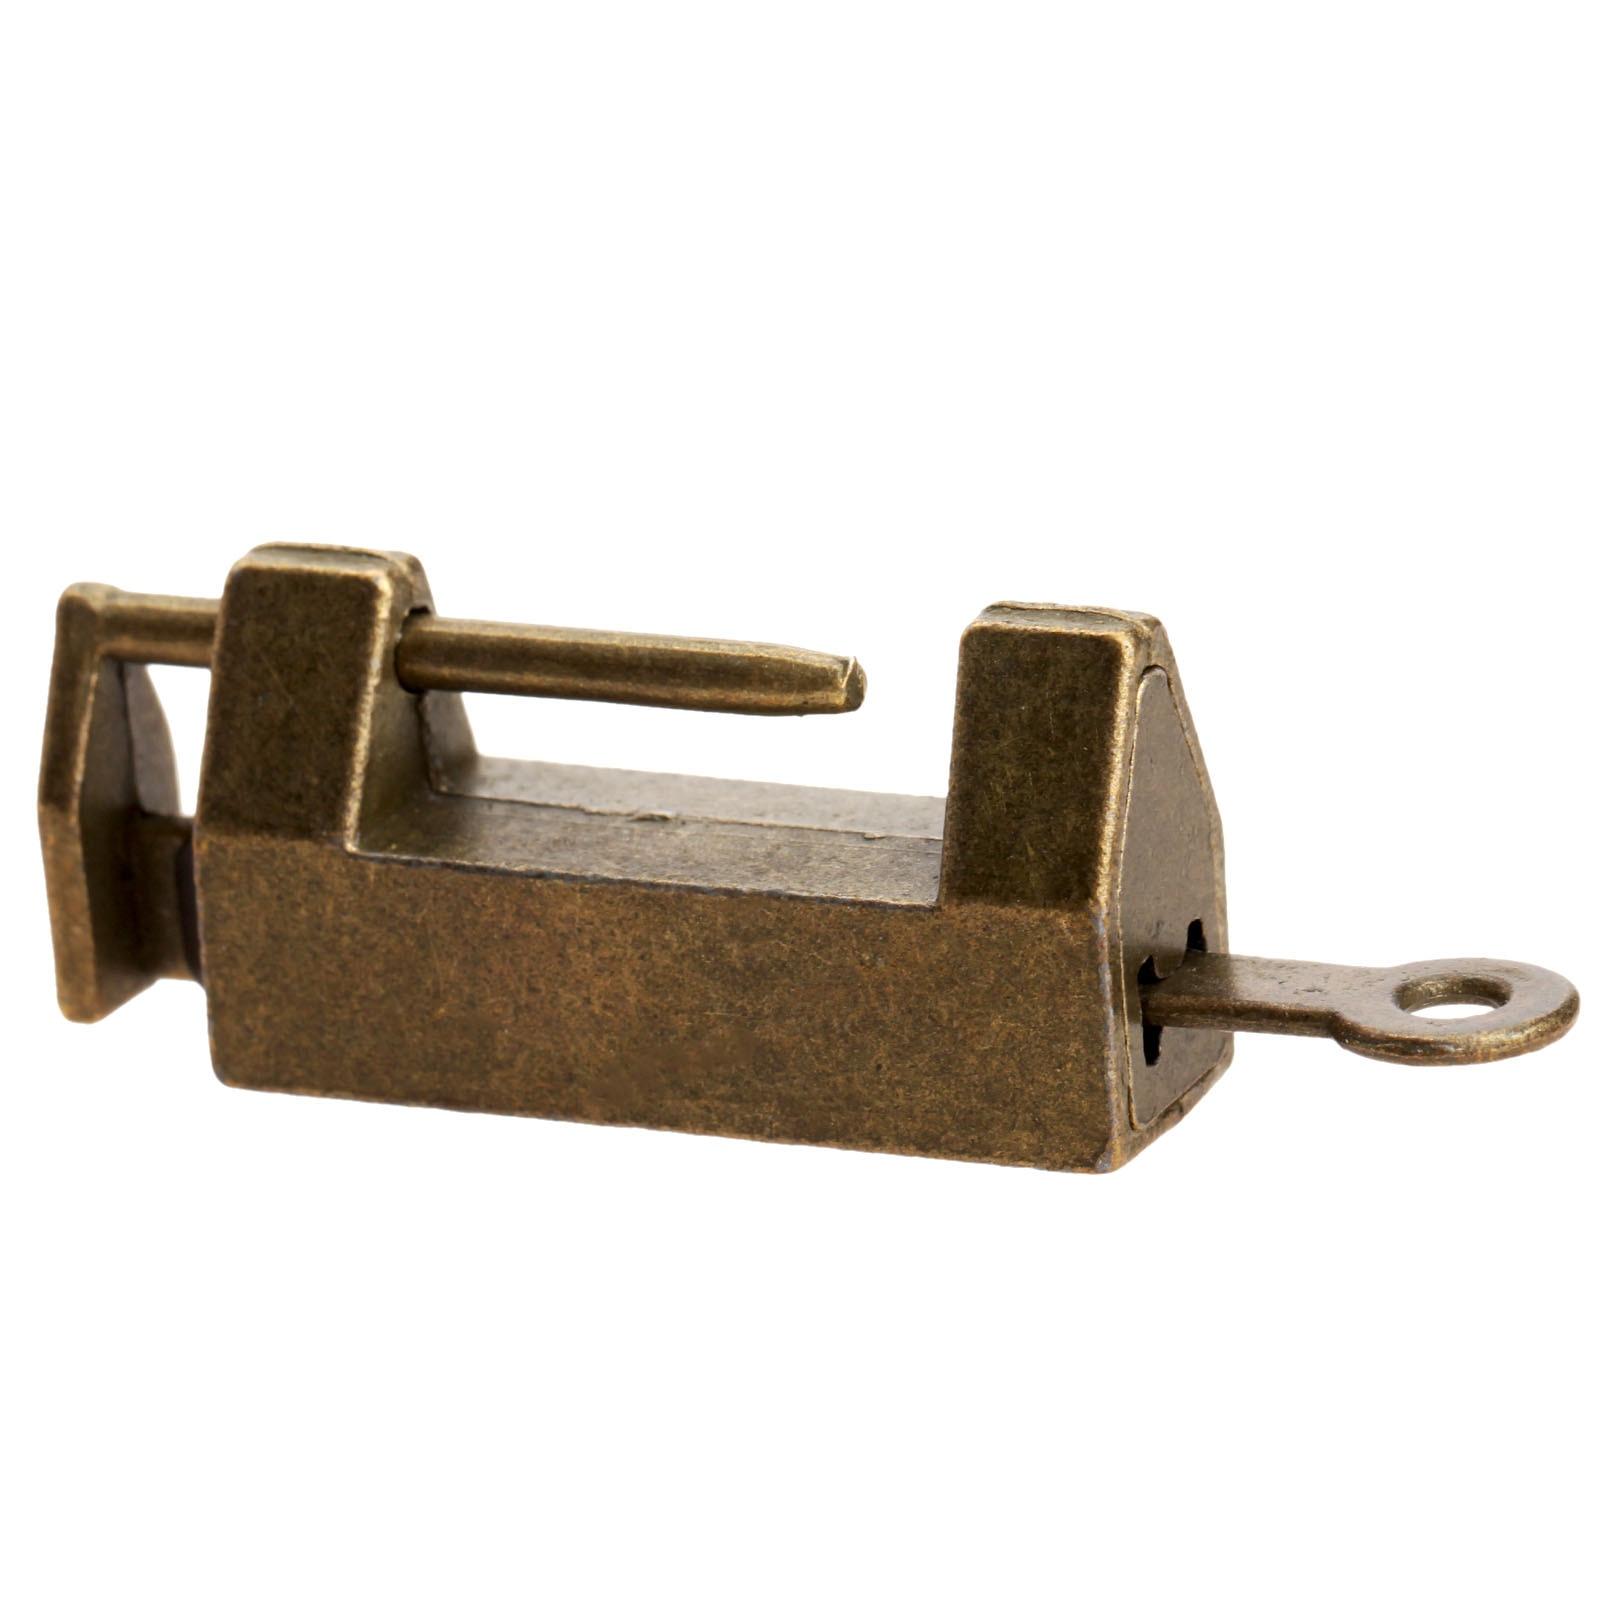 Vintage Meubles cadenas serrure Vin Boîte à bijoux valise Tiroir Armoire Matériel